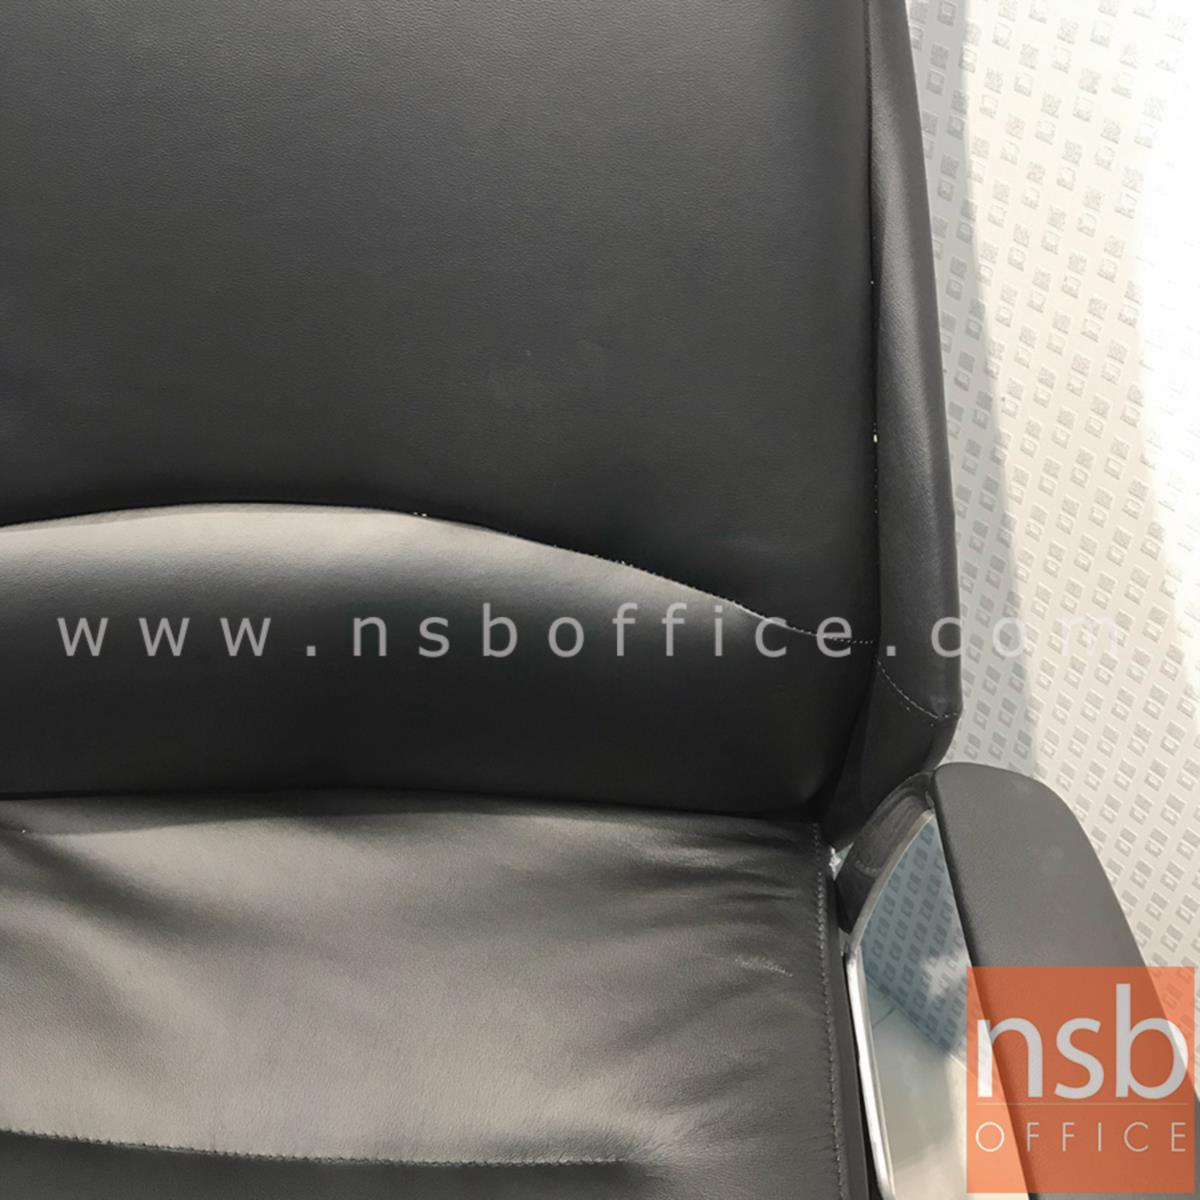 เก้าอี้ผู้บริหารหนังแท้ รุ่น SENDAI (เซนได)  มีก้อนโยก ขาอลูมินั่มอัลลอย